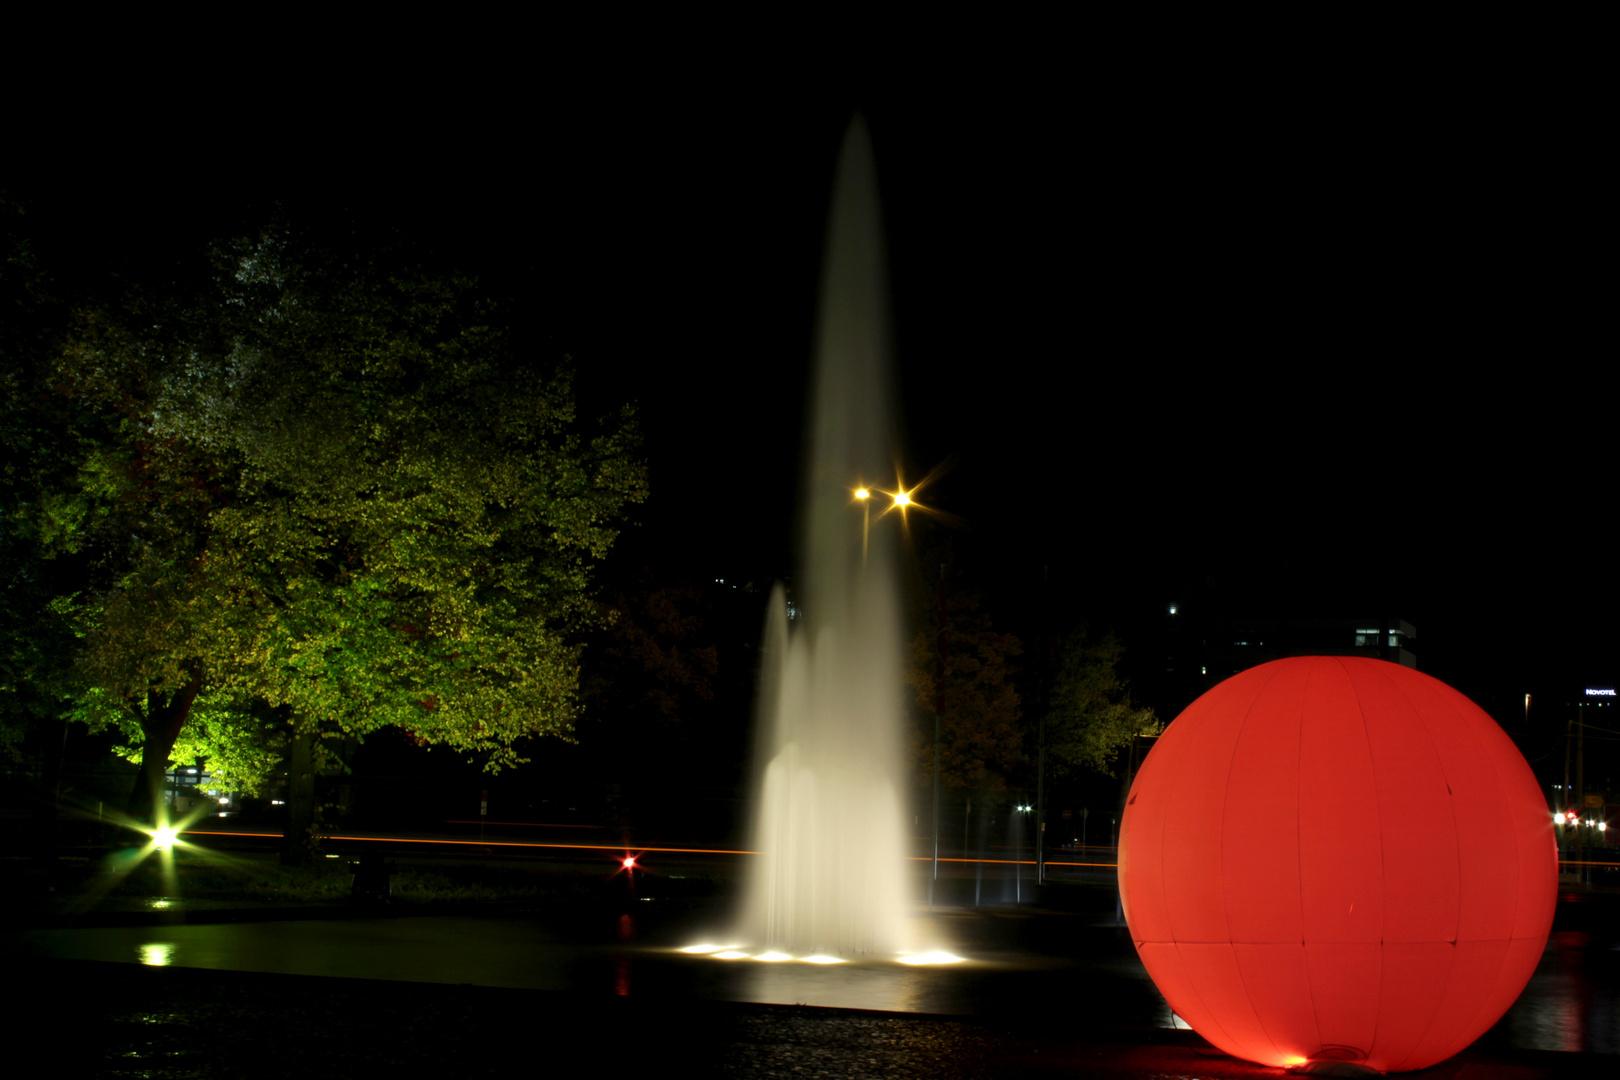 Festival of lights Berlin 2012 am Ernst reuter platz